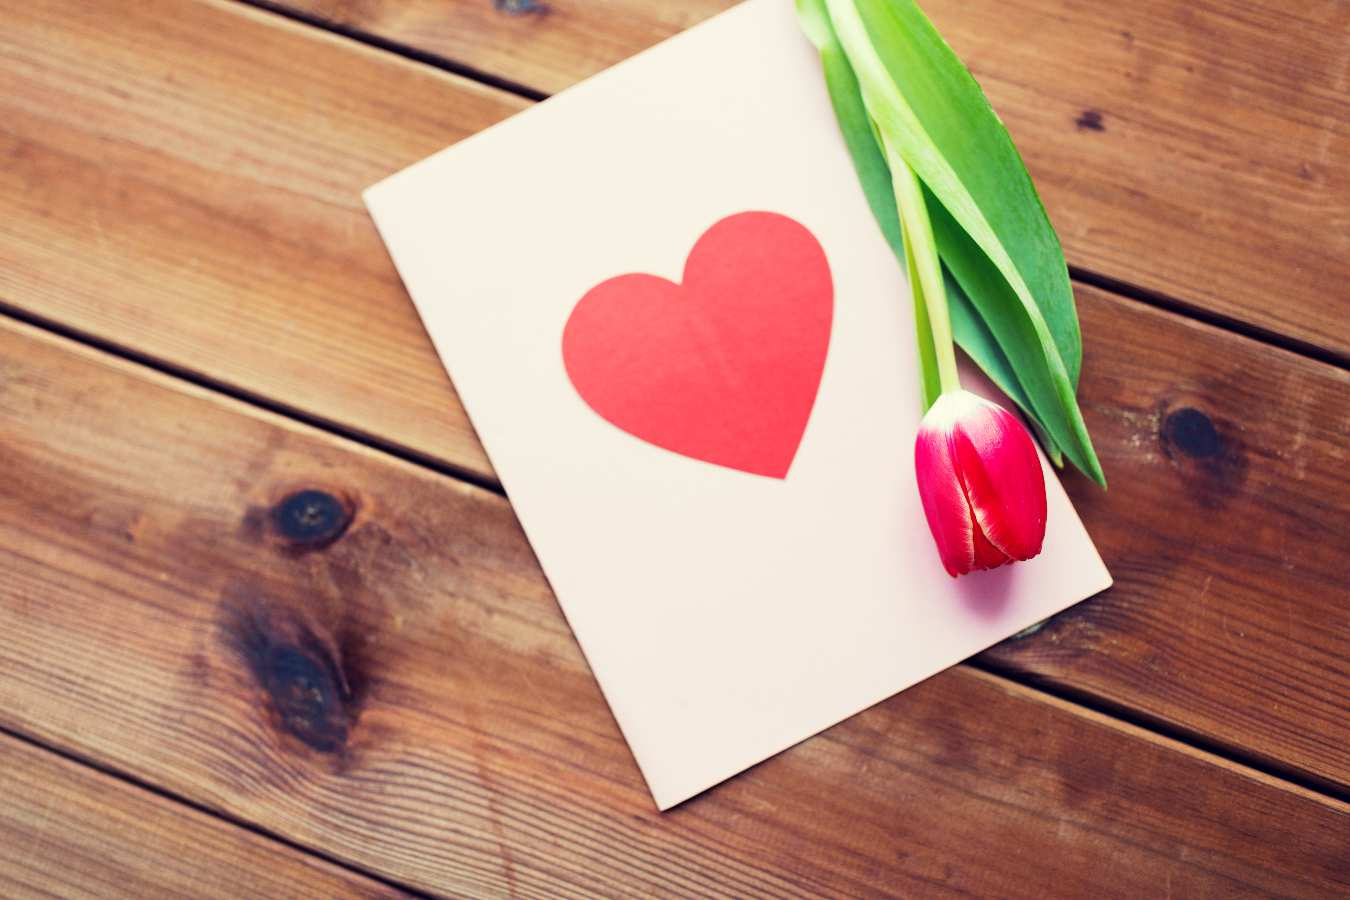 Jak podpisać kartkę z życzeniami? [kartka na ślub, komunijna, urodzinowa]